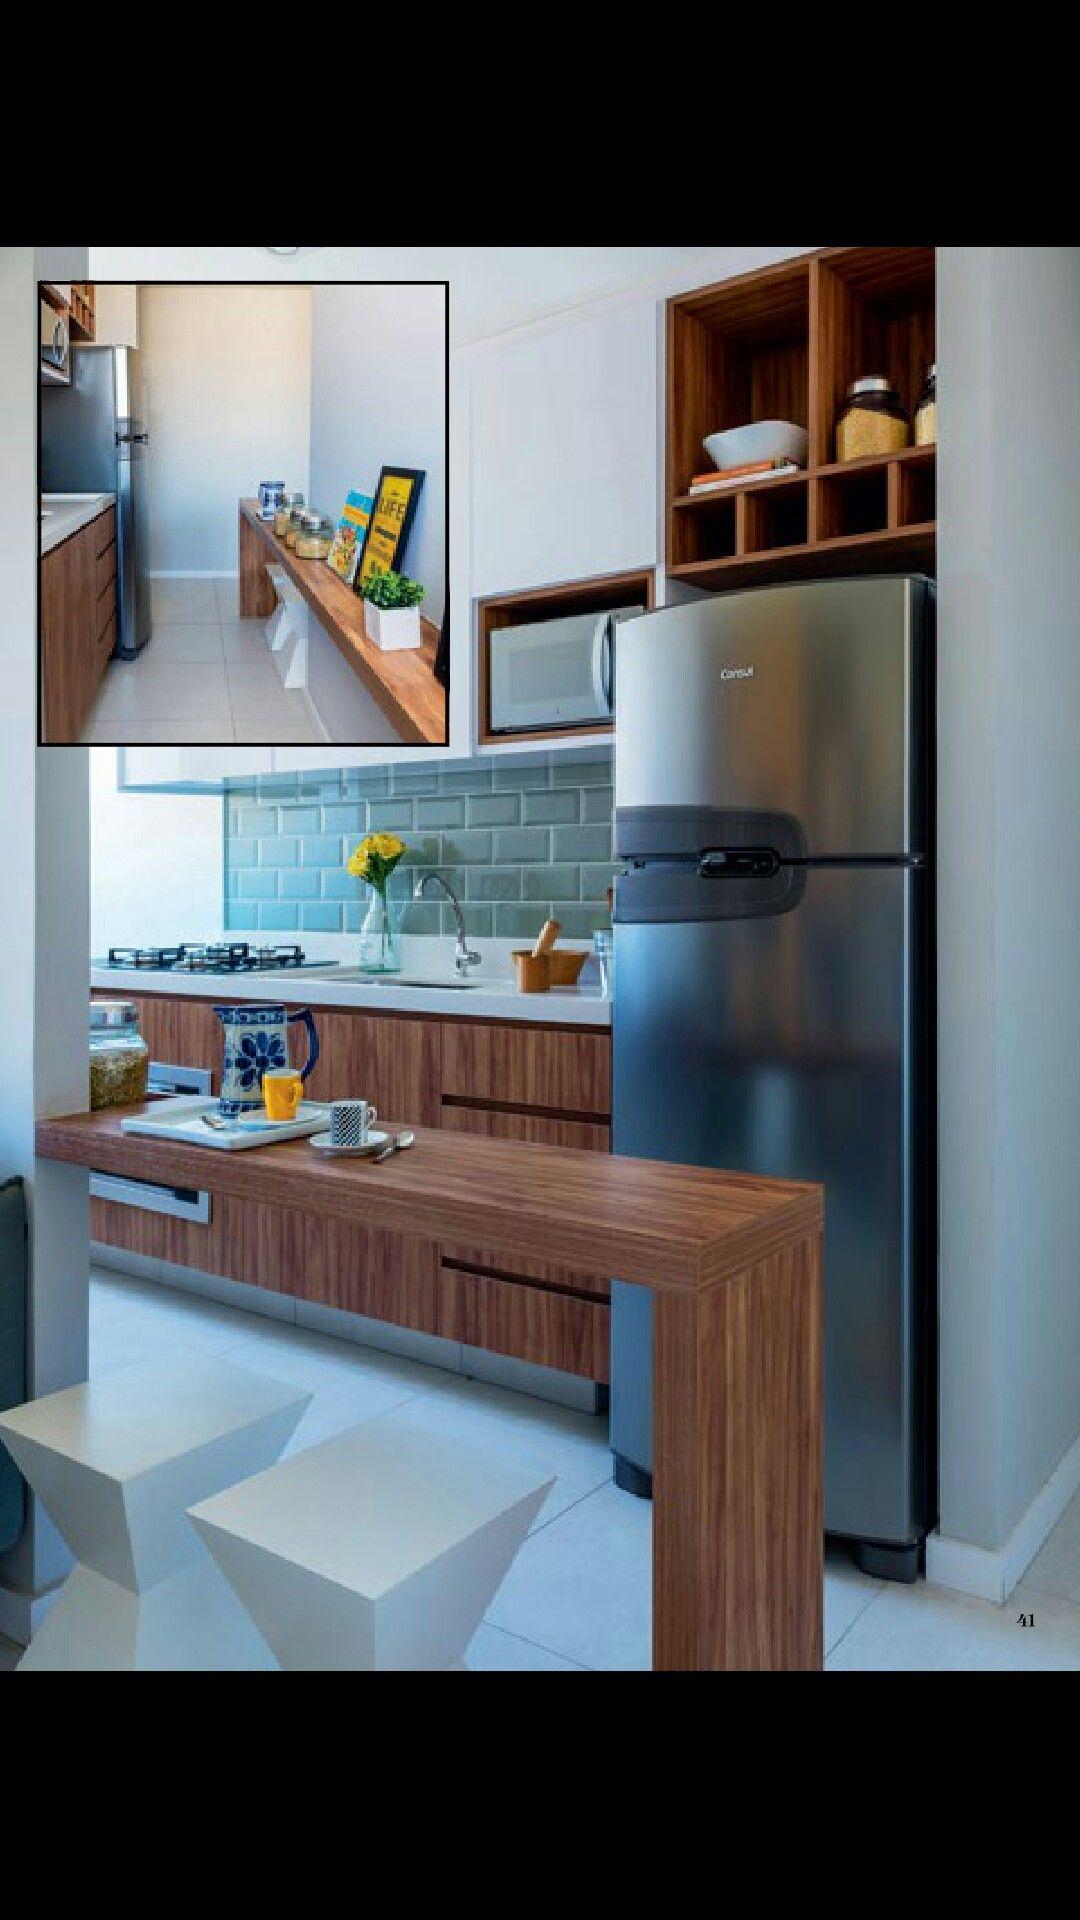 Bancada Dividindo A Sala E Se Estendendo At A Cozinha Casa